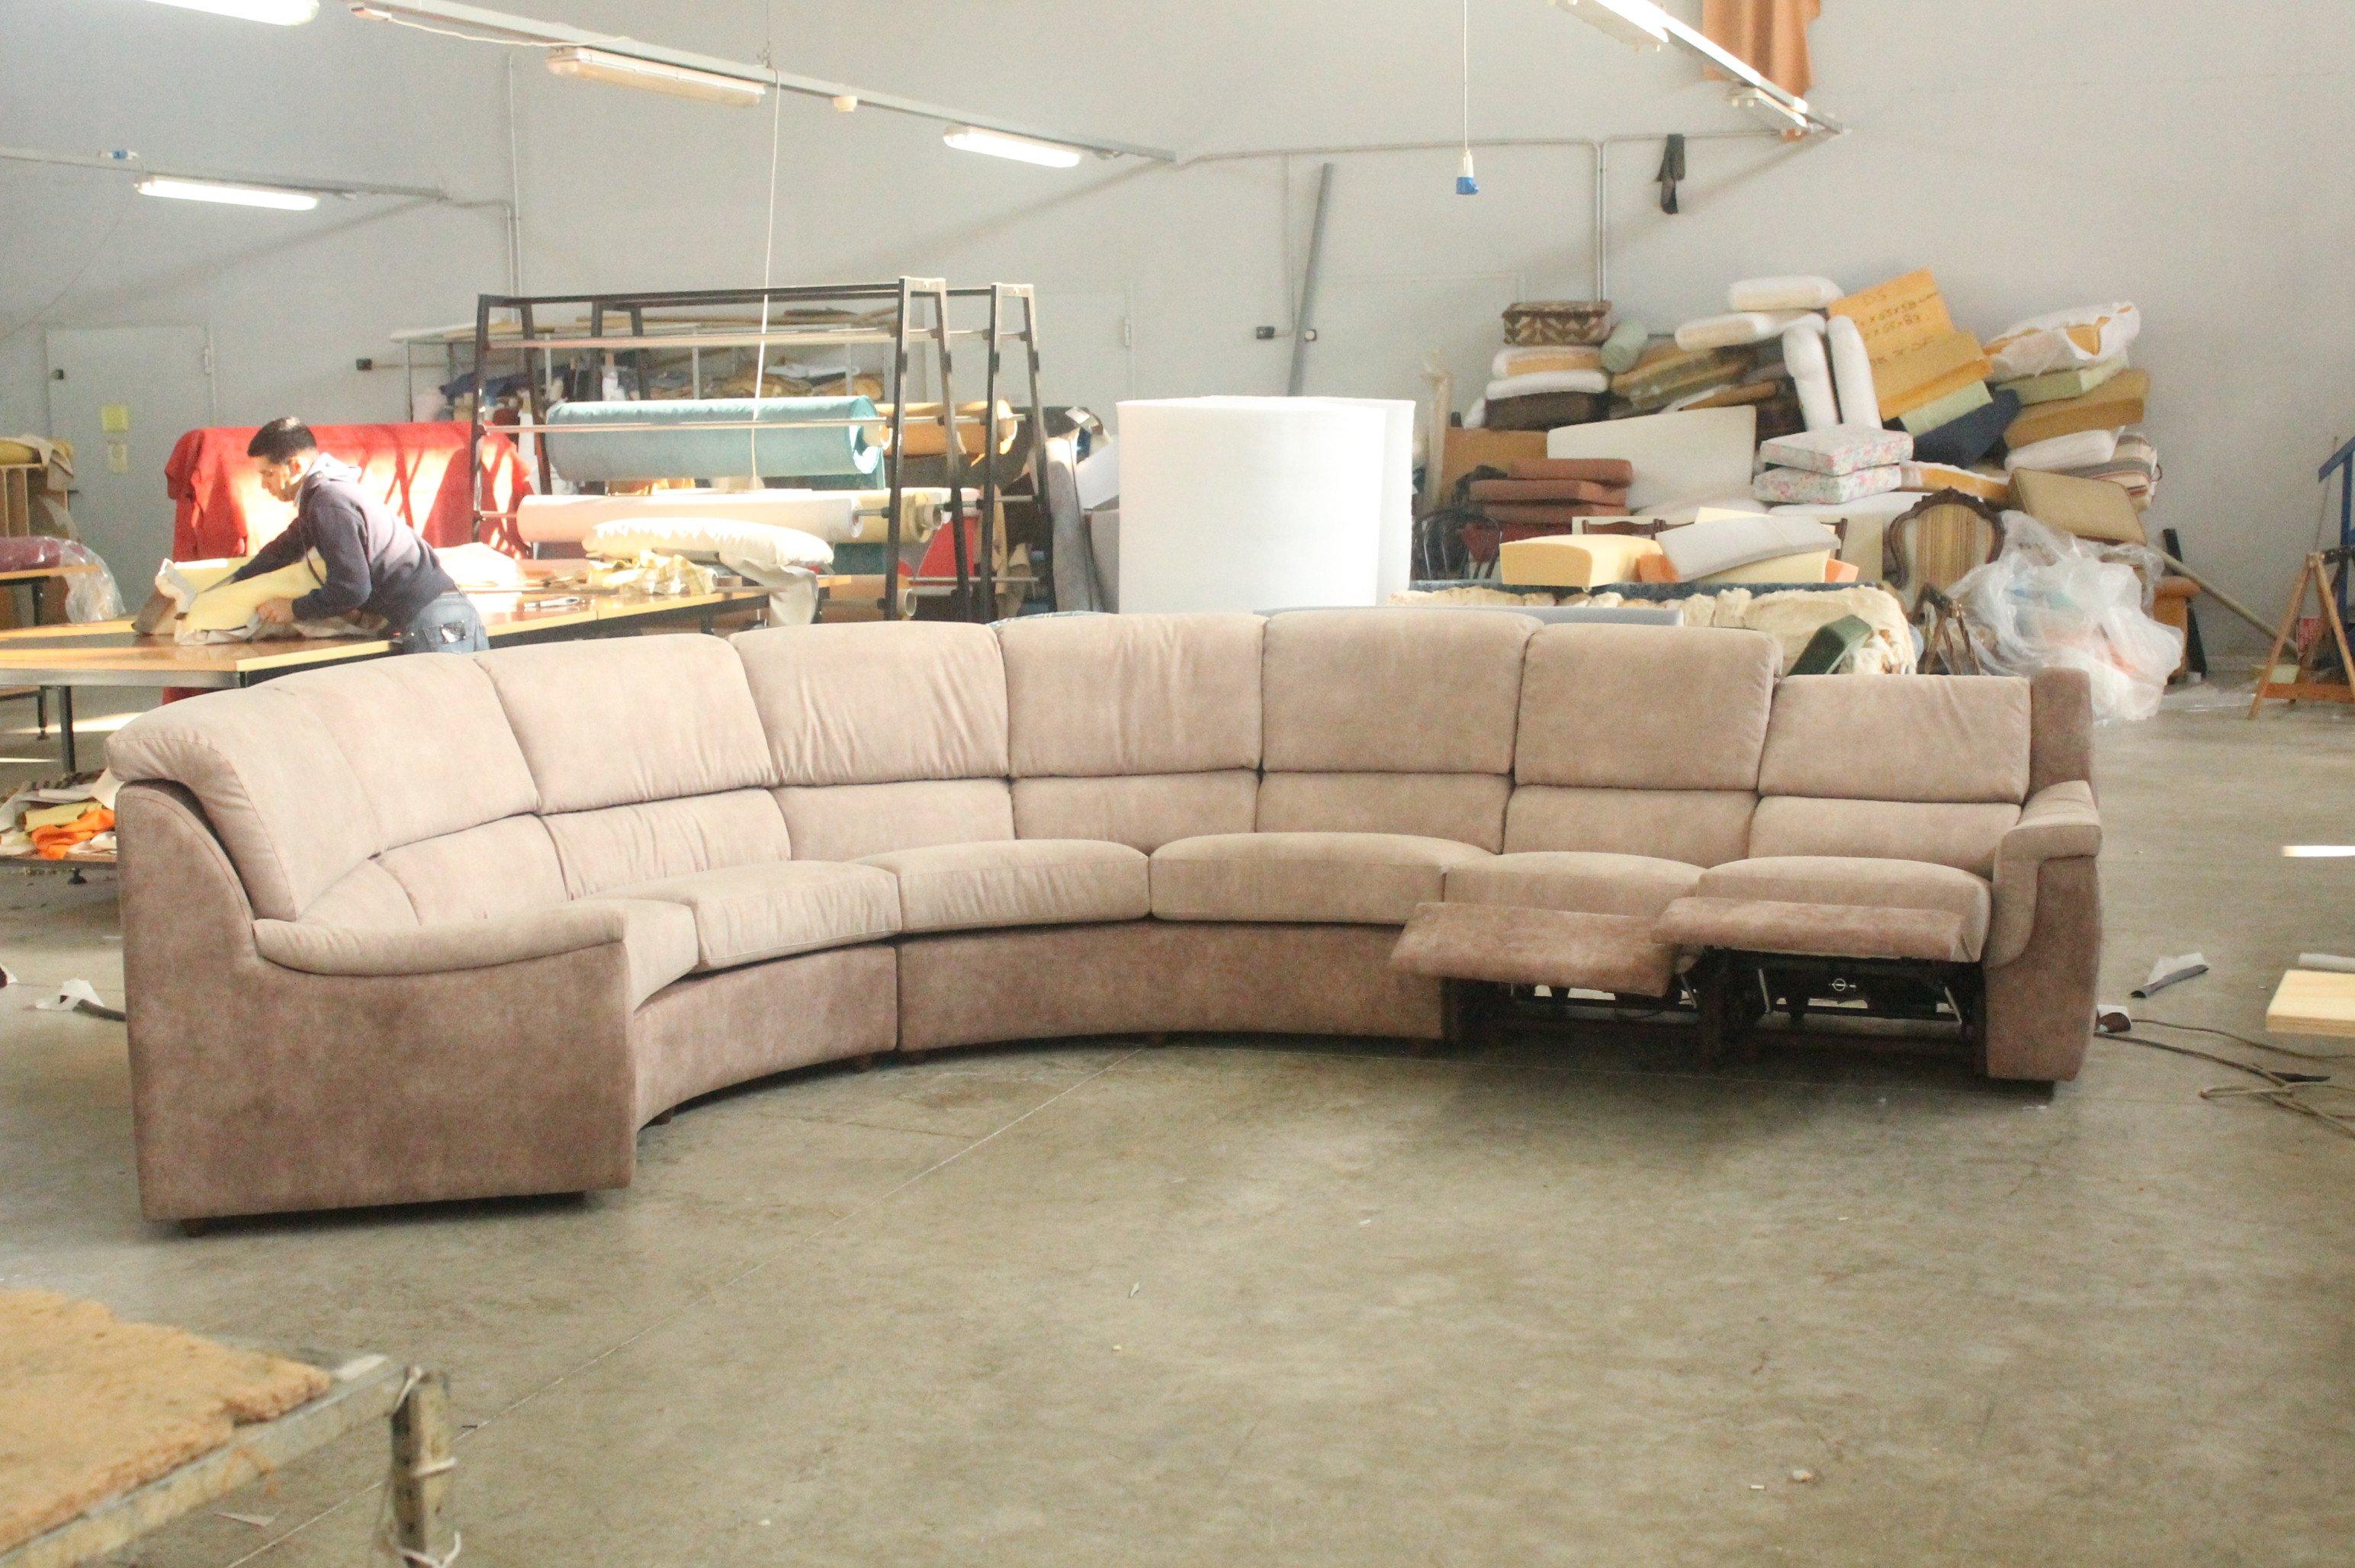 Divano angolare con sedili reclinabili